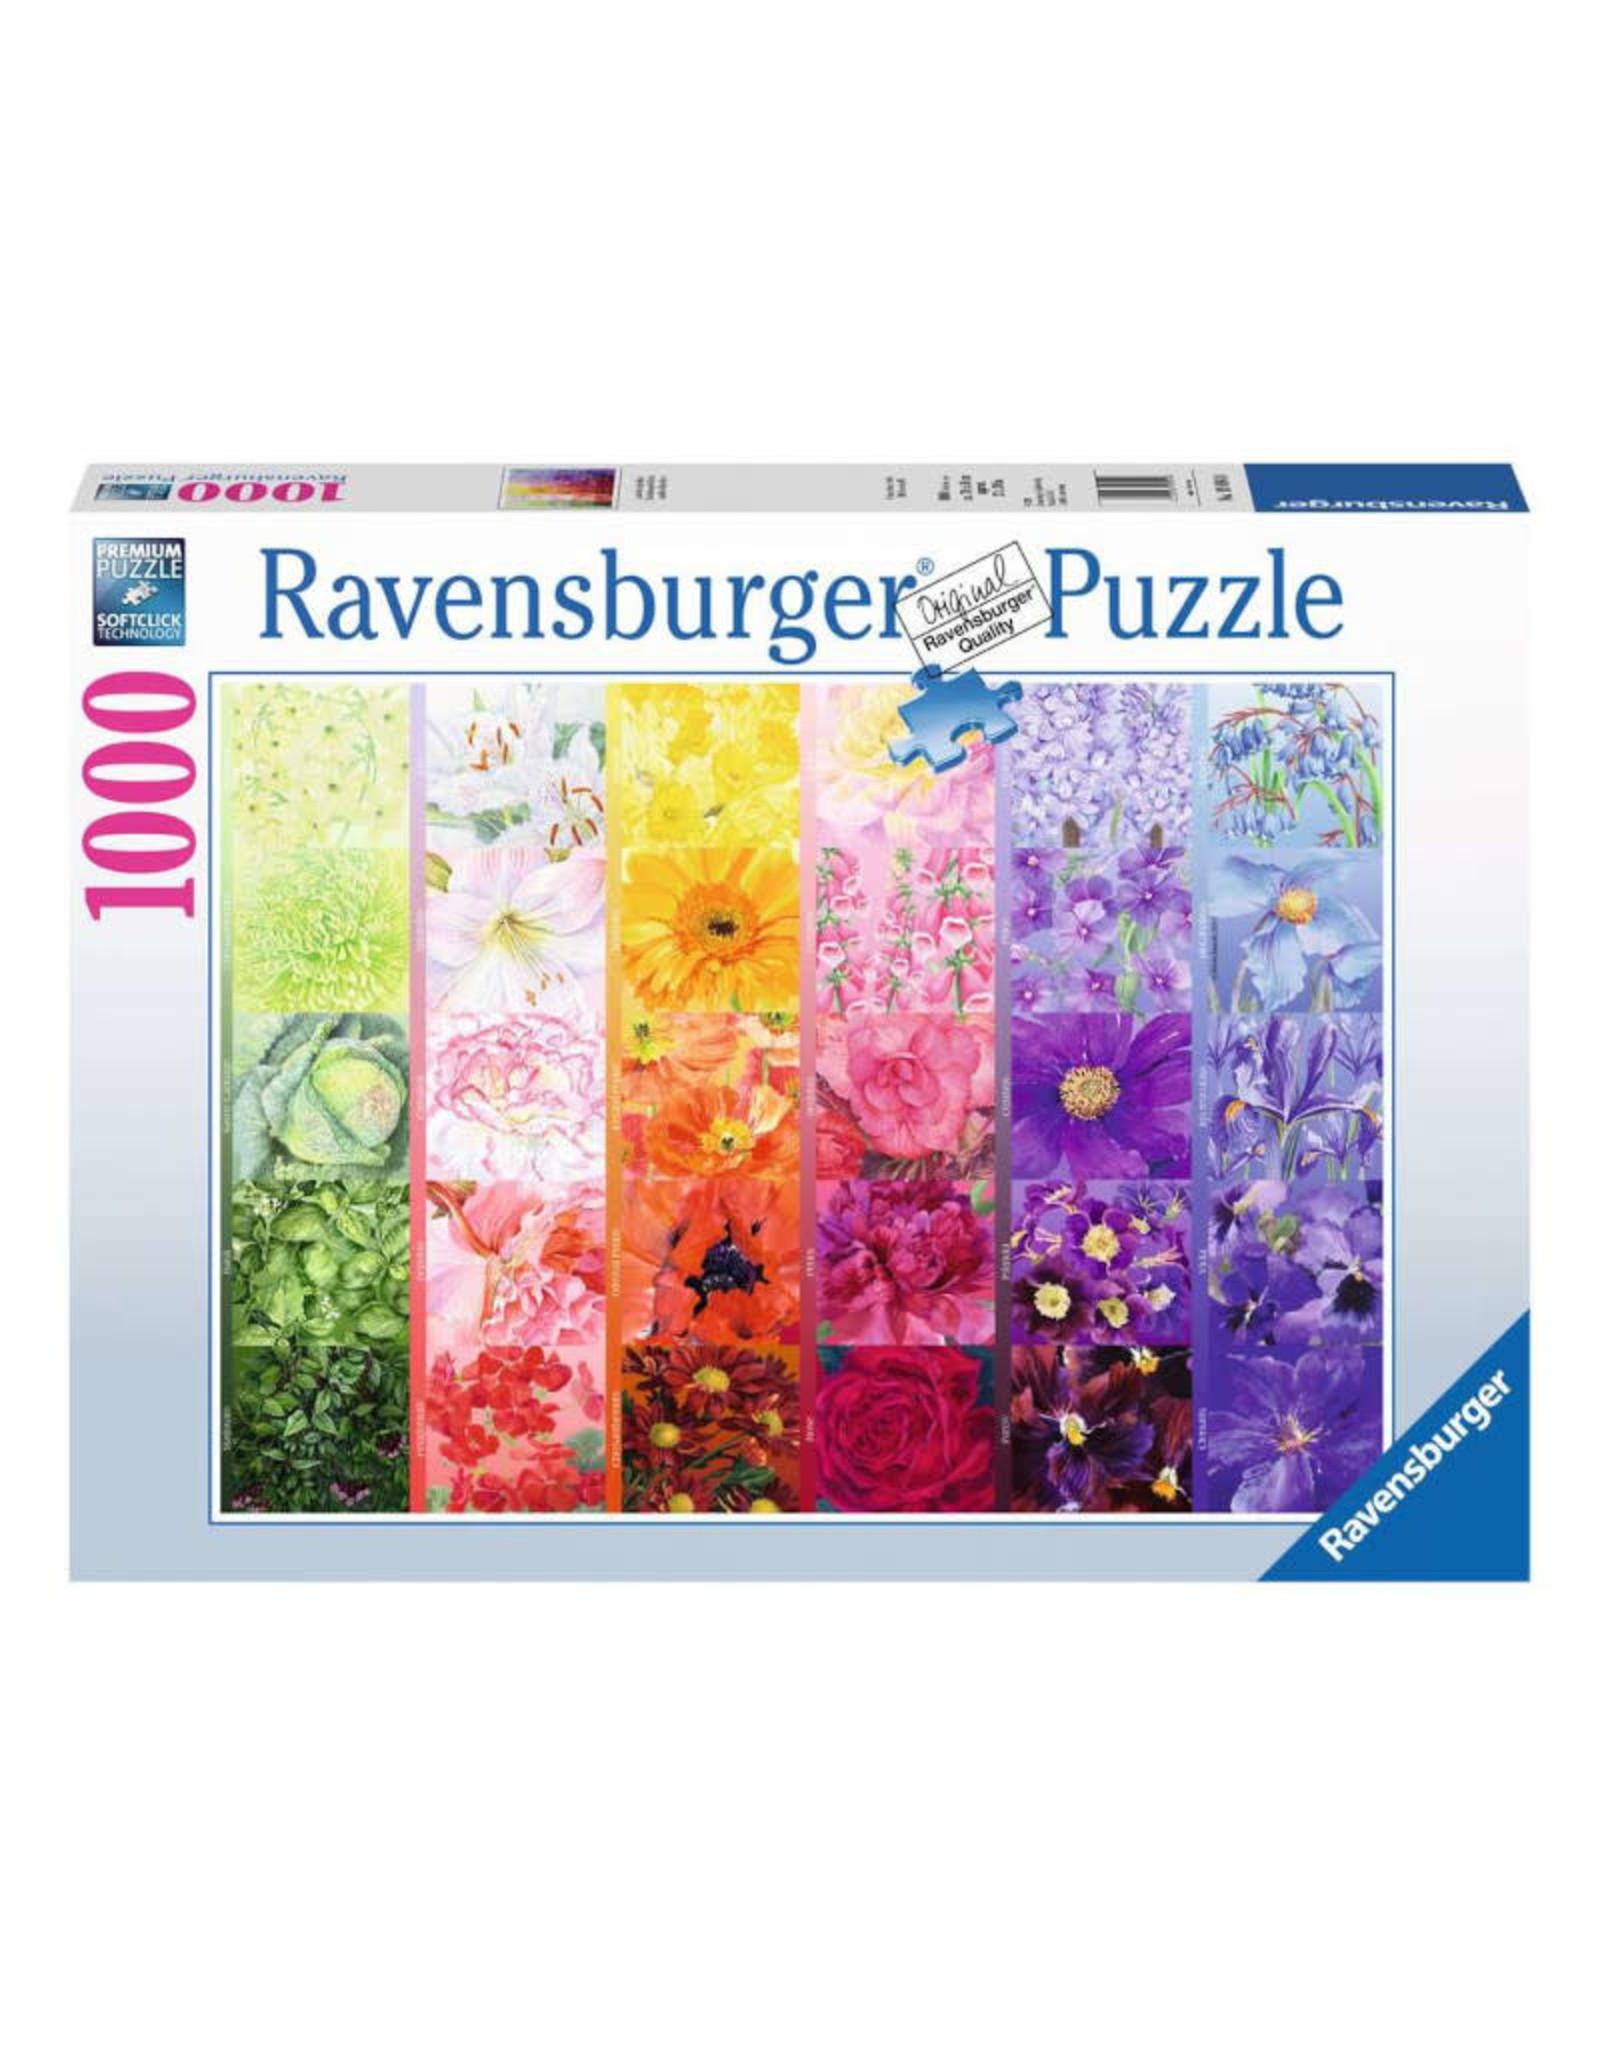 Ravensburger The Gardiner's Palette No.1 Puzzle 1000 PCS